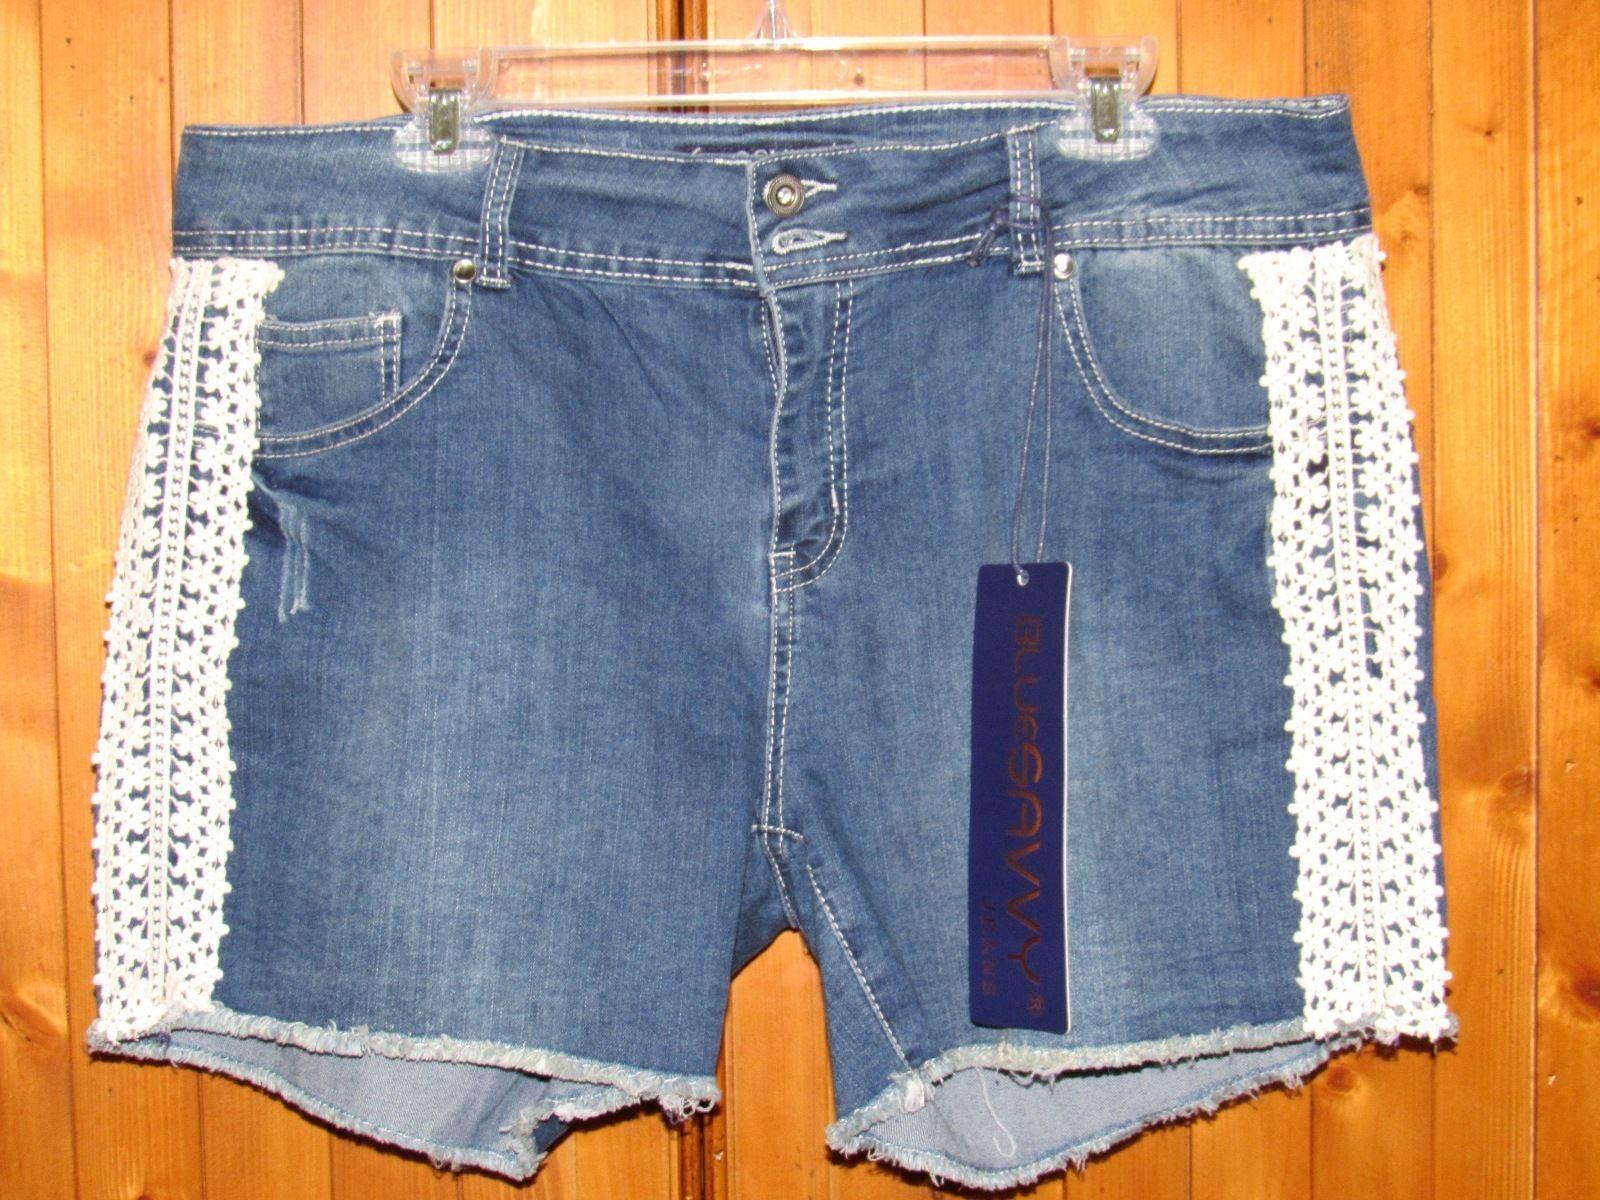 Blue Savvy Jeans Blue Stretch Denim Jeans Shorts Lace Accent Cotton Blend S: 18